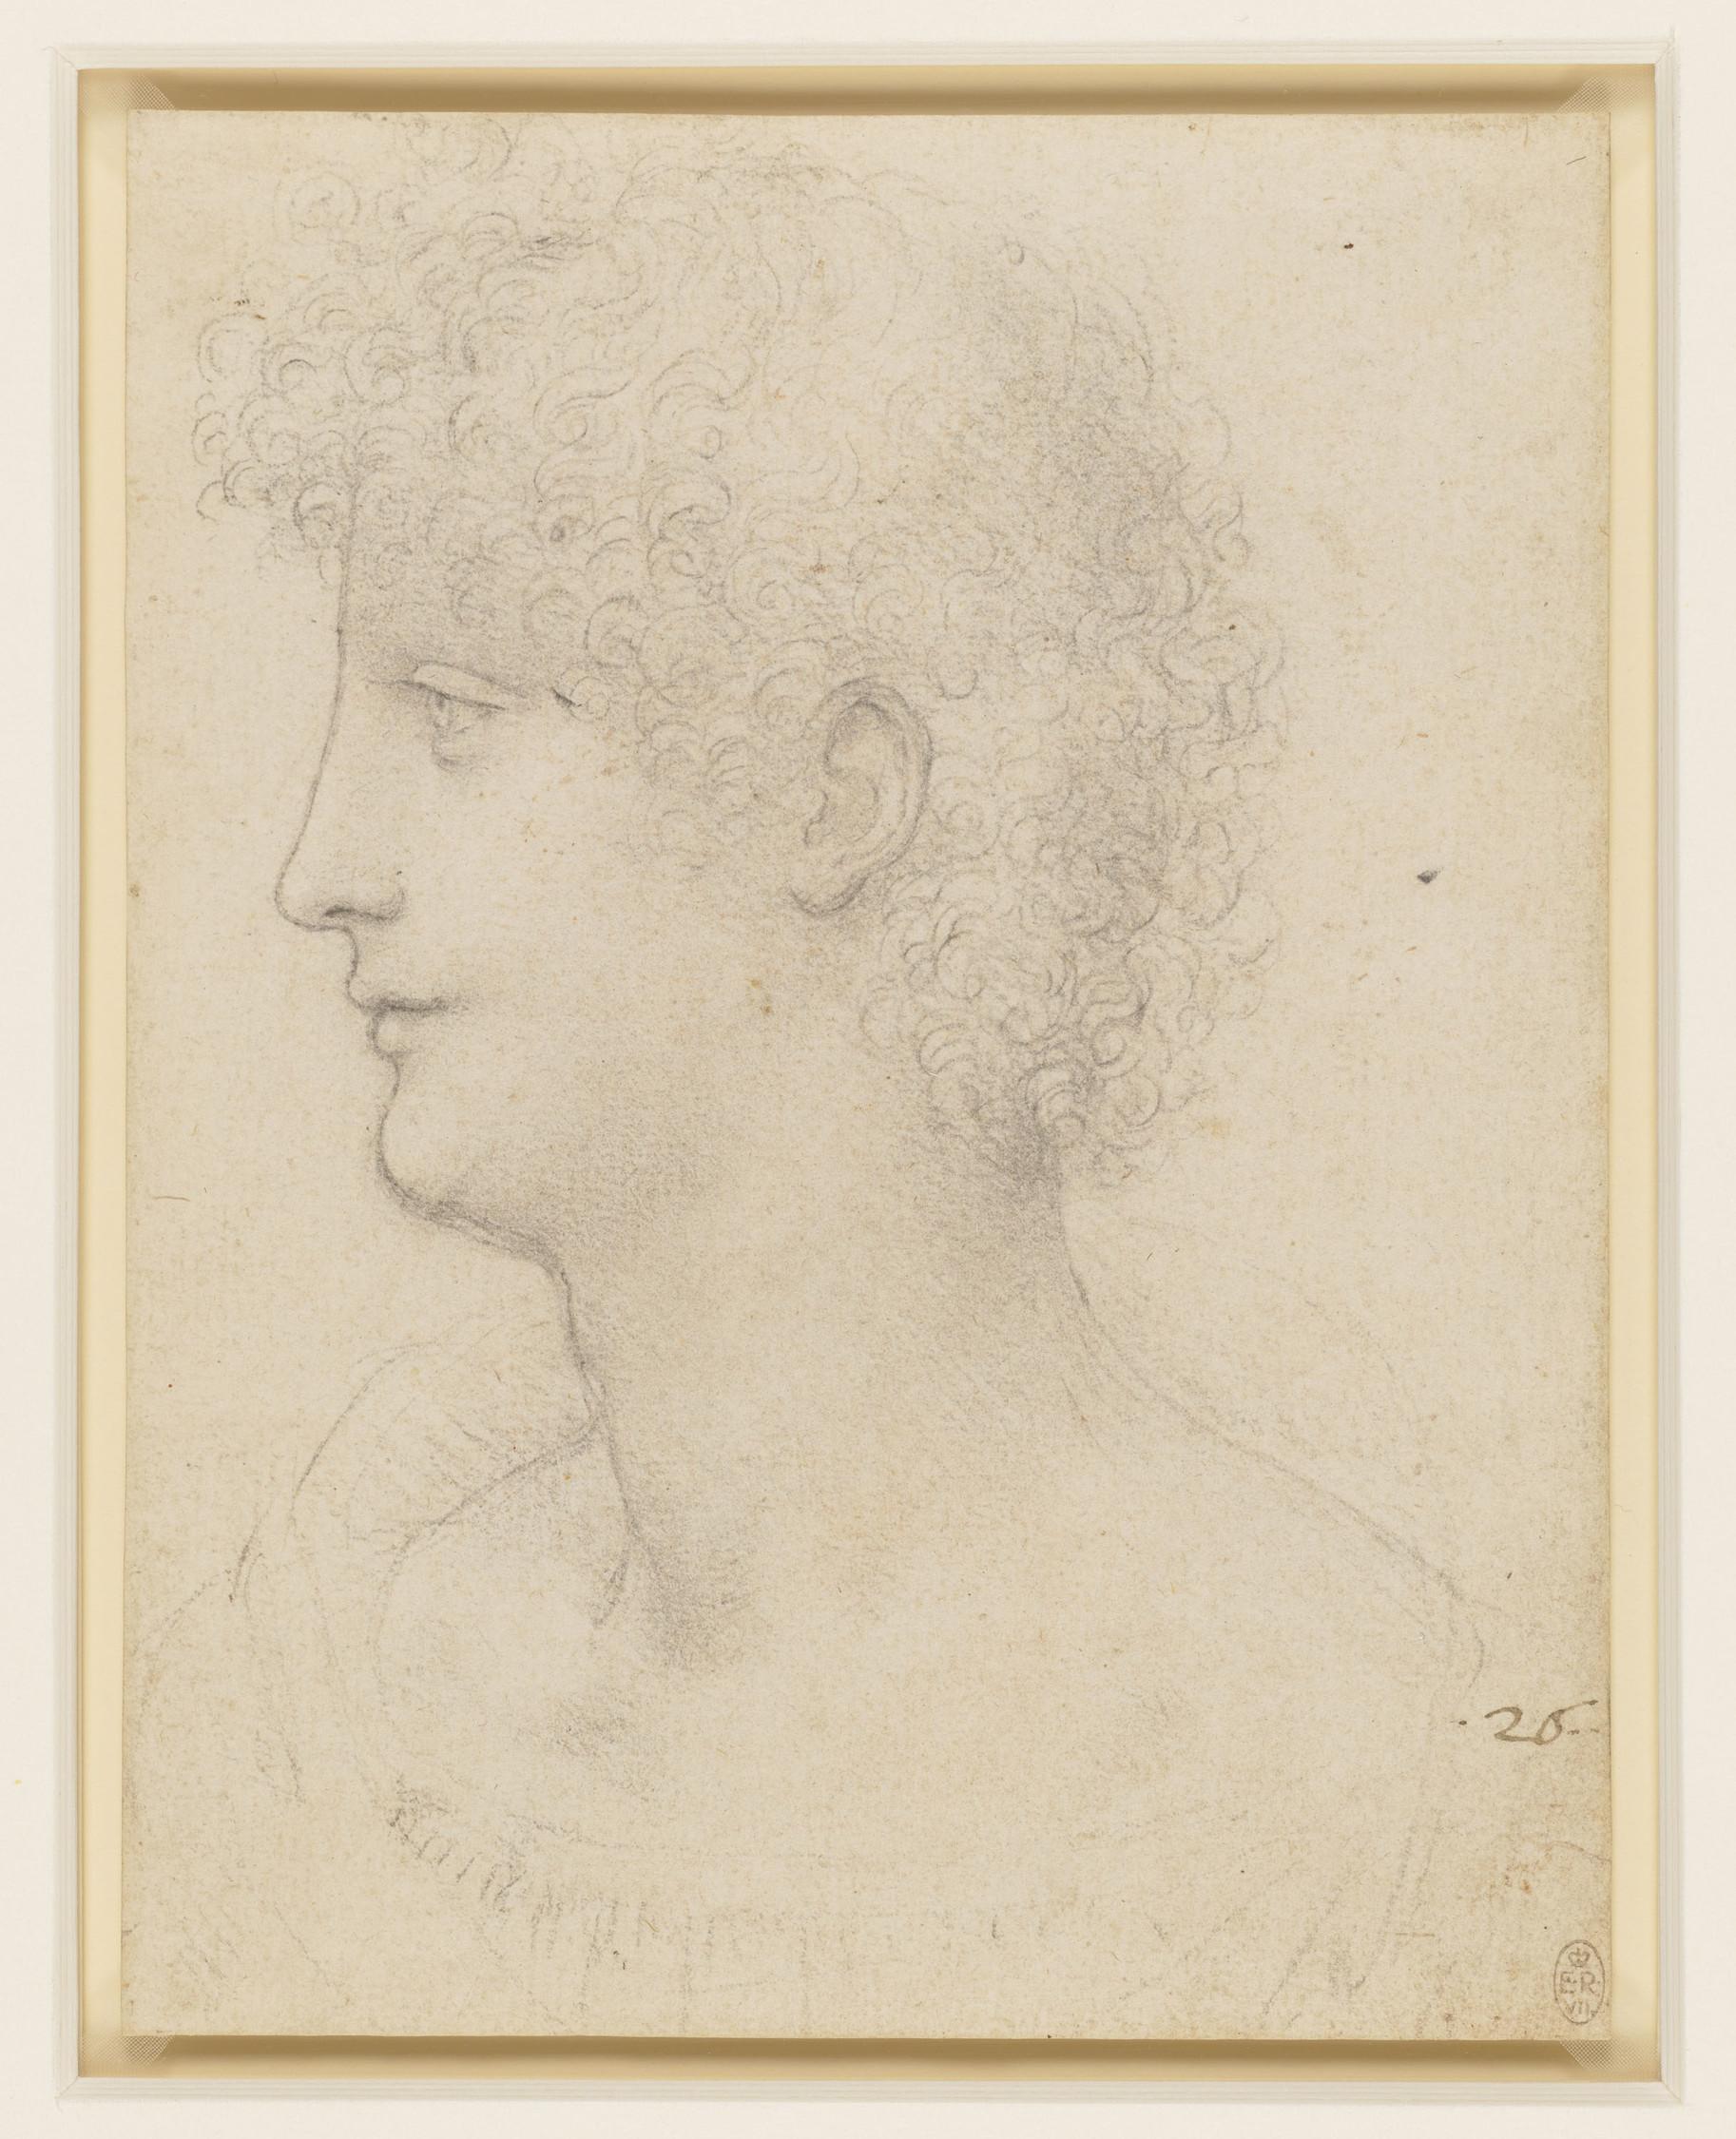 Leonardo da Vinci, Testa di giovane di profilo (1517-1518 circa; gessetto nero, 193 x 149 mm; Windsor, Royal Collection, inv. RCIN 912557)